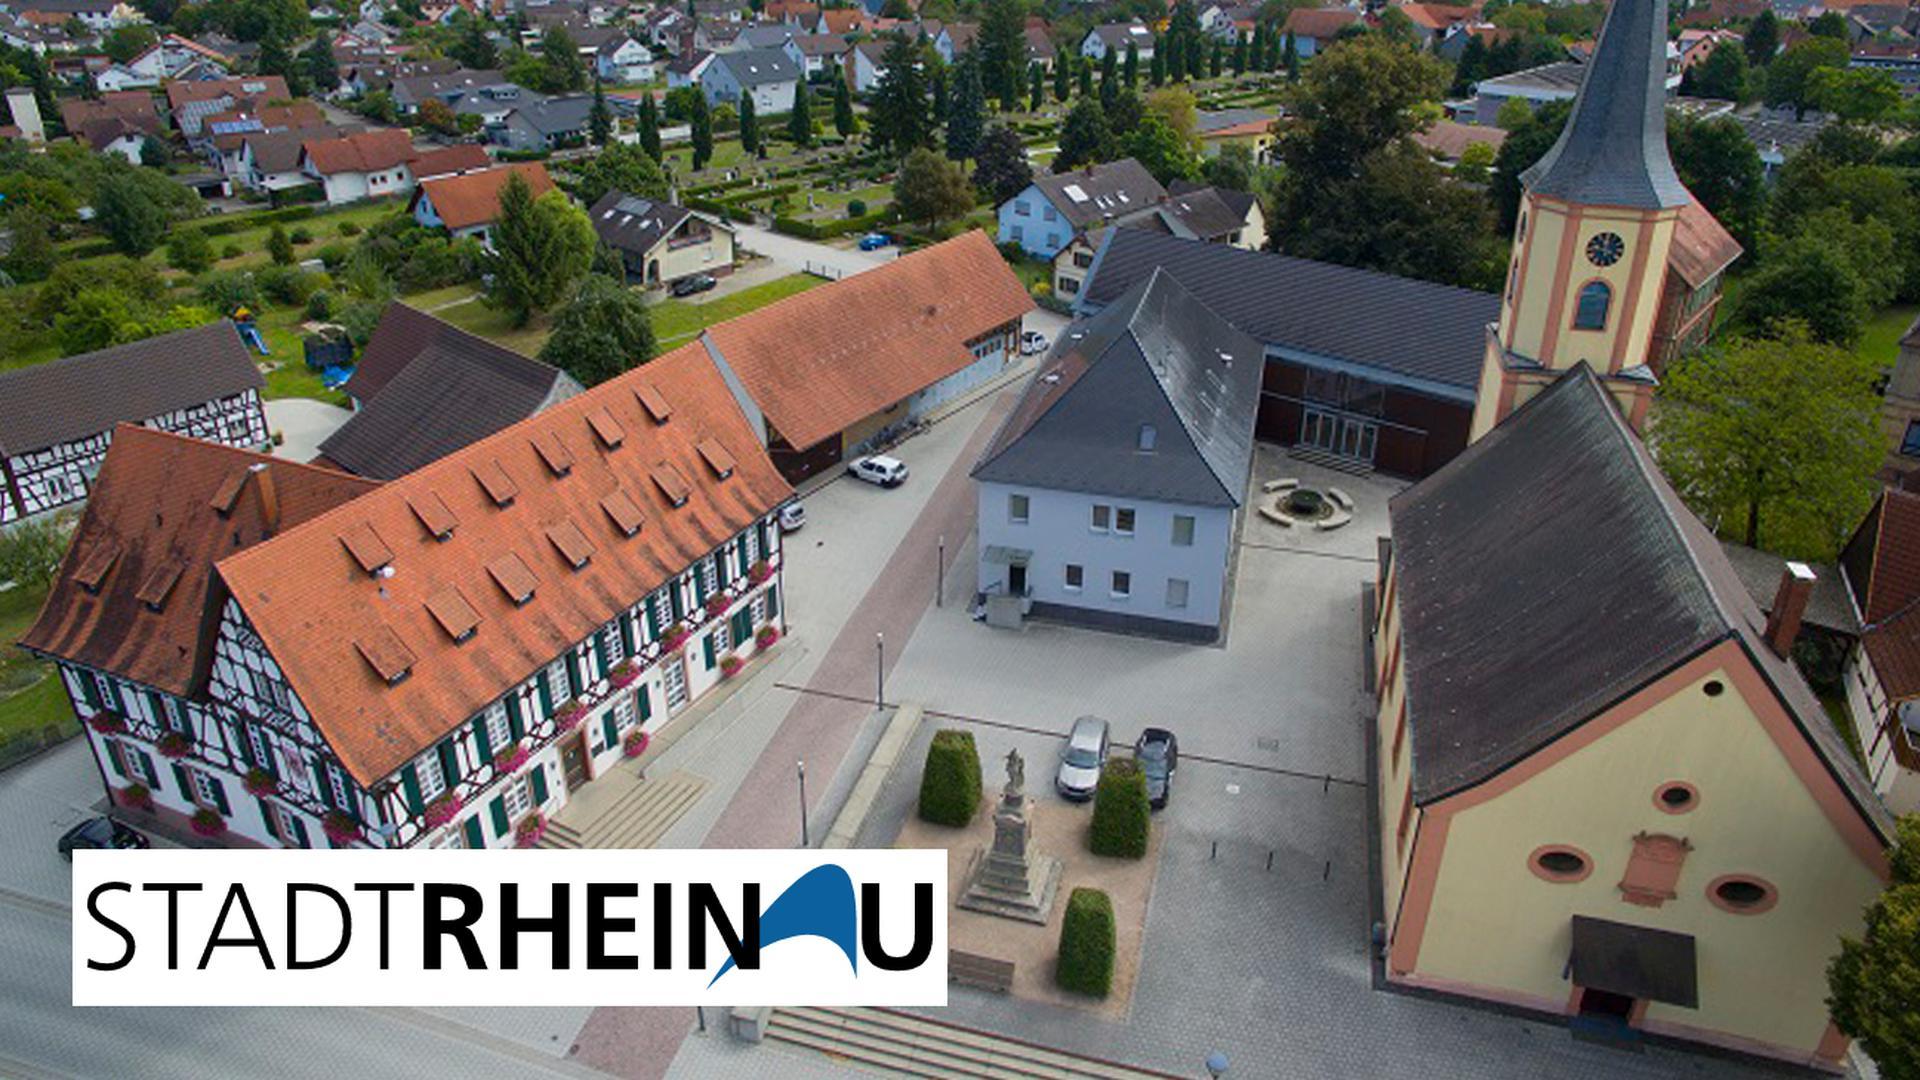 Ausbildungsmöglichkeiten bei der Stadt Rheinau